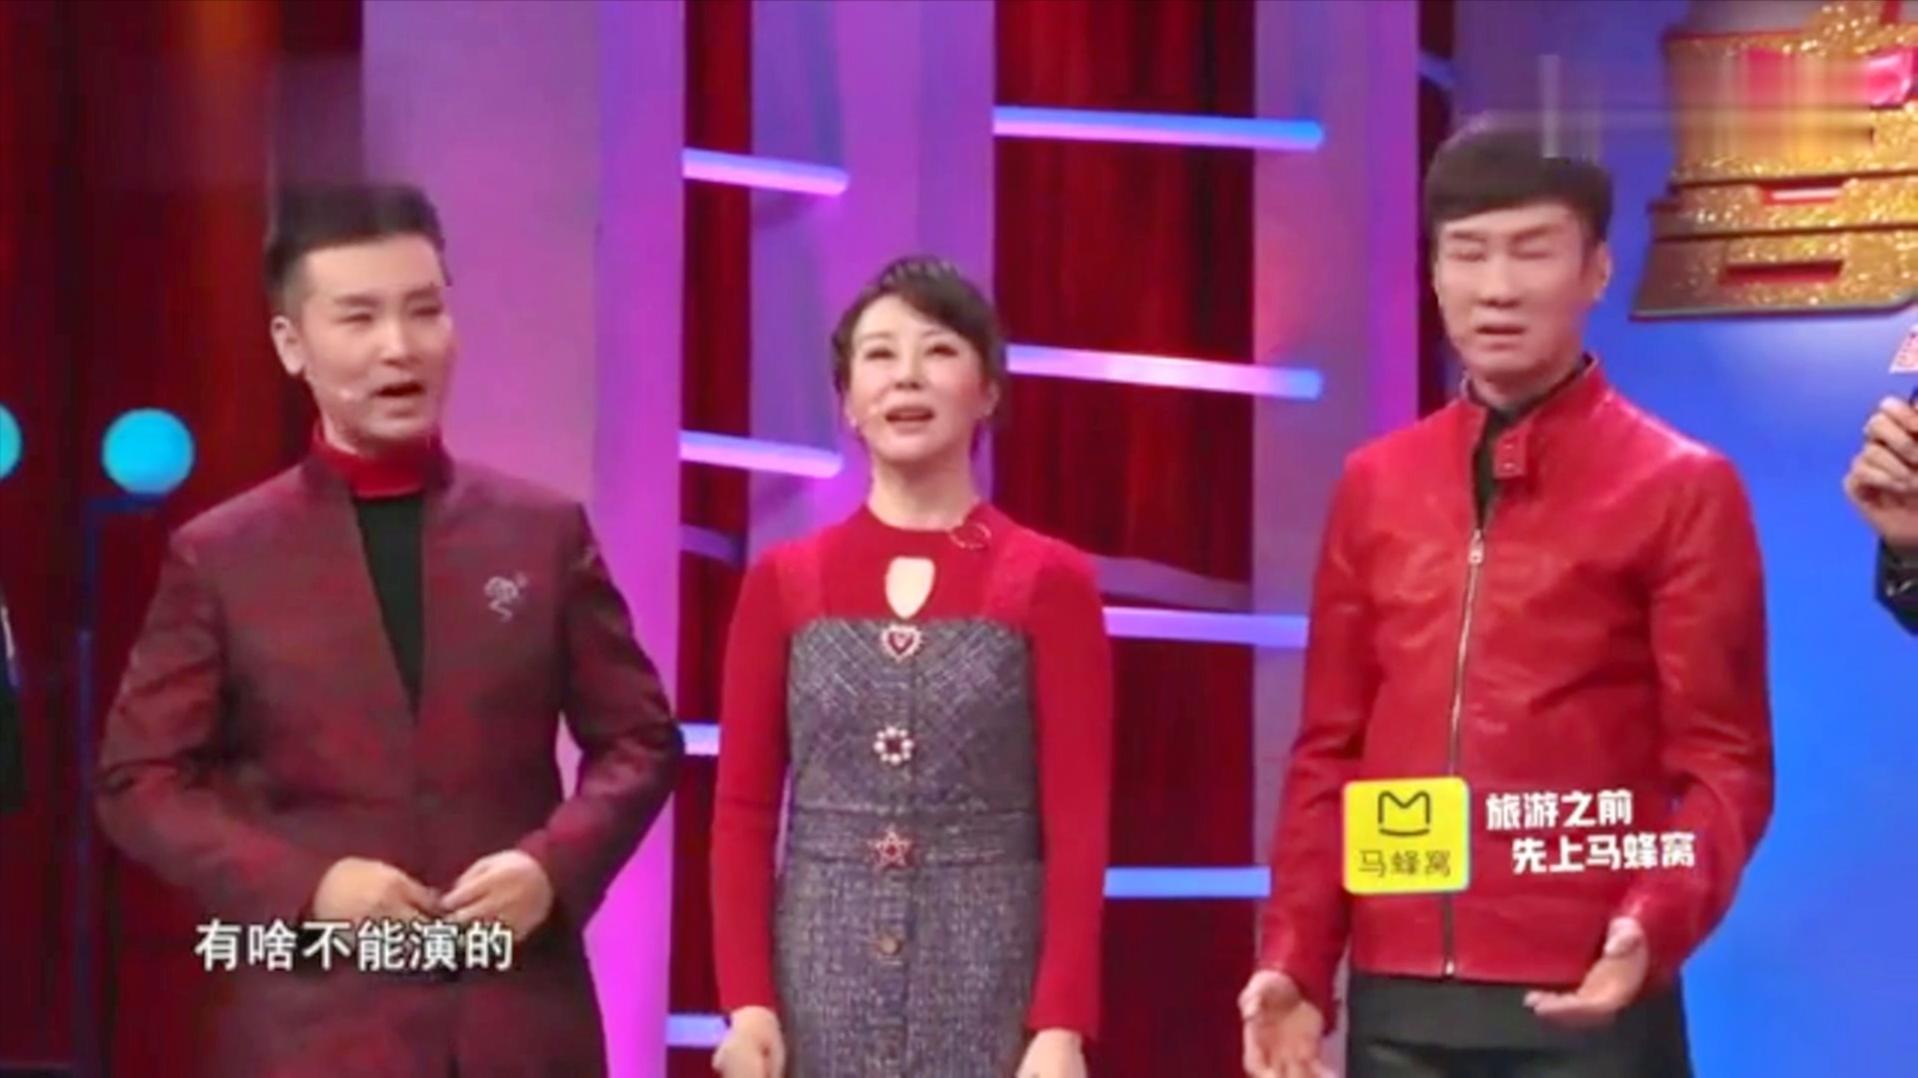 刘和刚 祖海 江涛 《有事您说话》